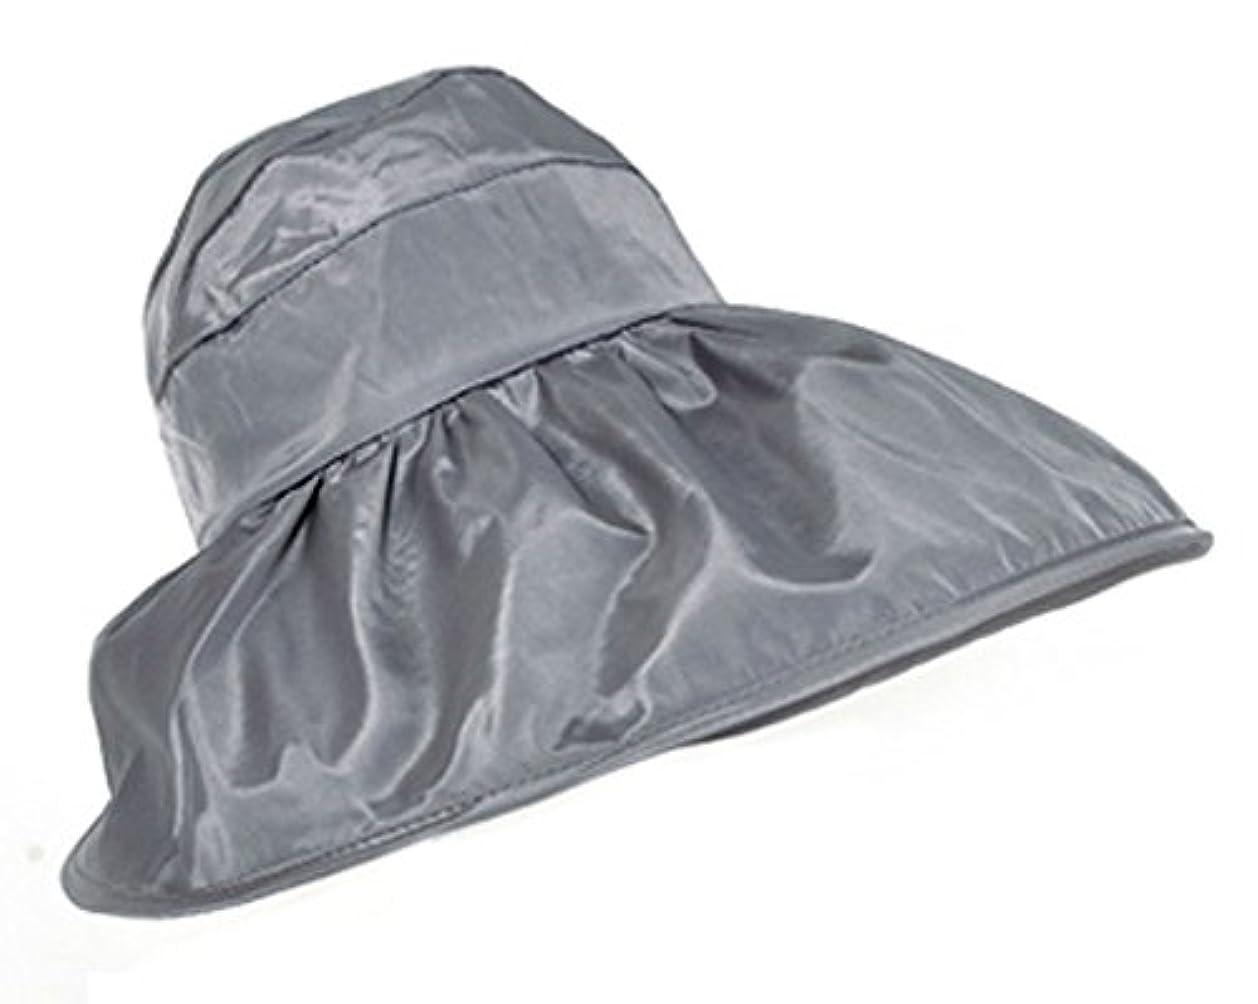 ハイランド欠如分析的なFakeFace 夏 レディース 帽子 UVカット サンバイザー 紫外線対策 日よけ帽子 つば広 オシャレ ケープ ハット 日よけ 折りたたみ 防水 カジュアル 海 農作業 ぼうし サイズ調節可